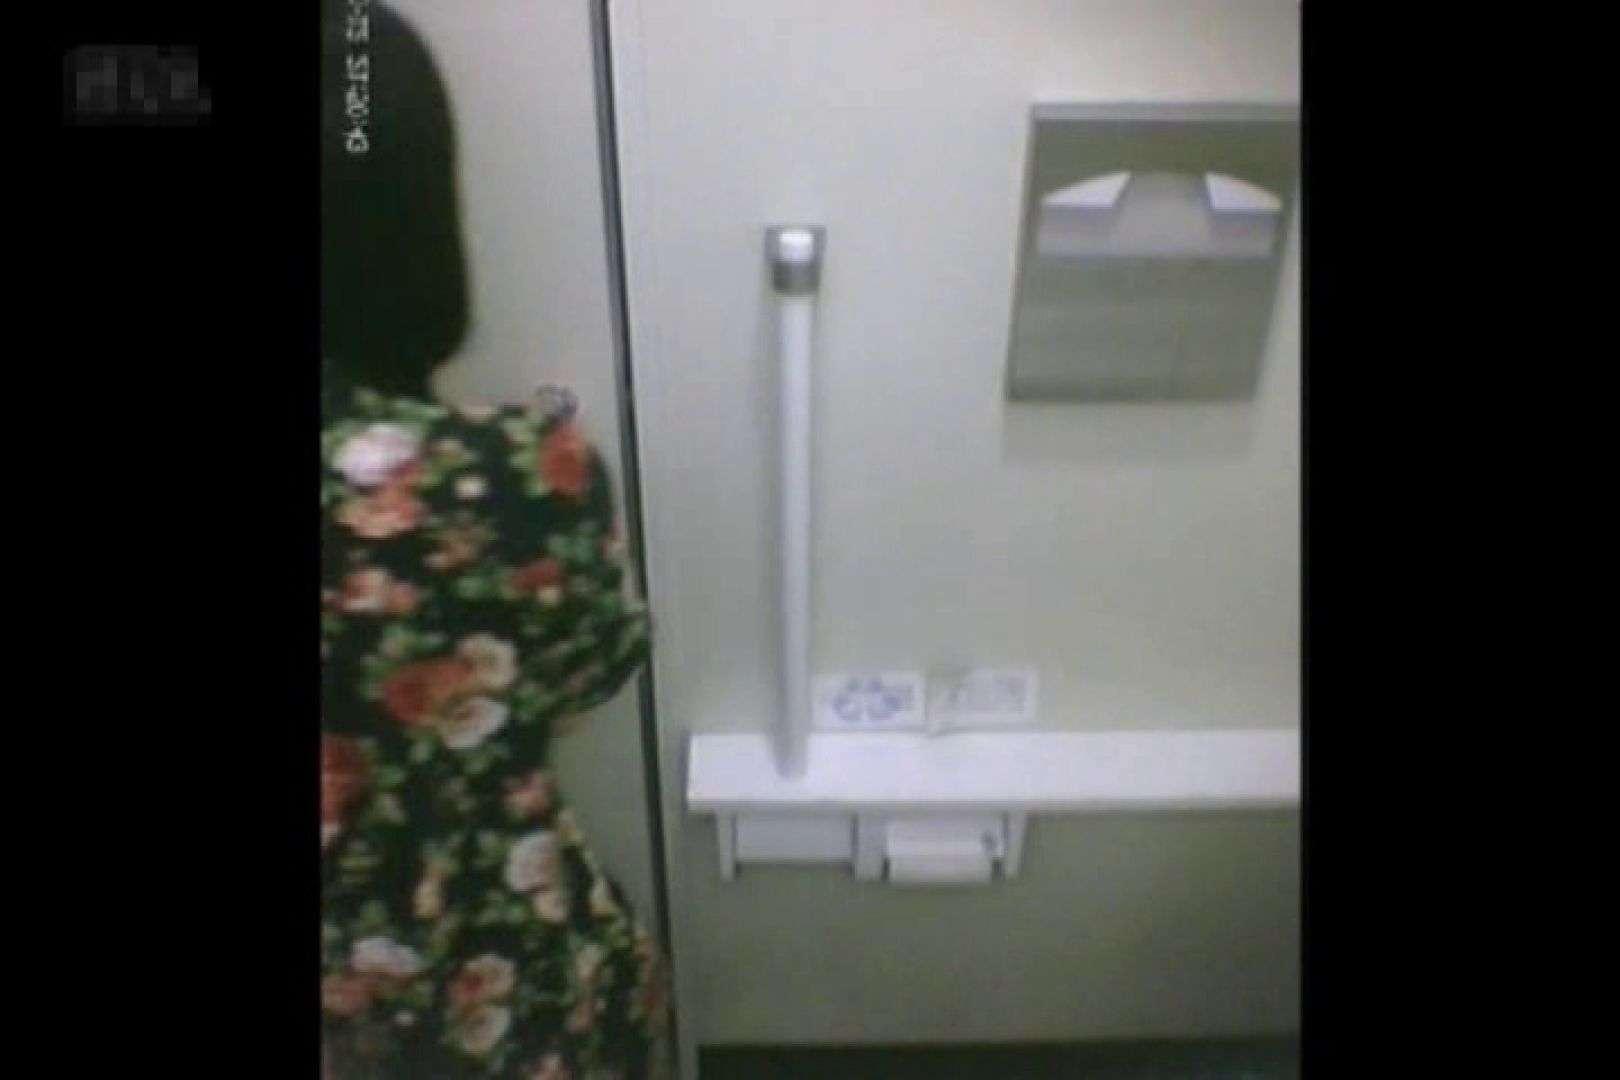 洋式洗面所オムニバスvol.8 お姉さんのヌード   エロティックなOL  104画像 76